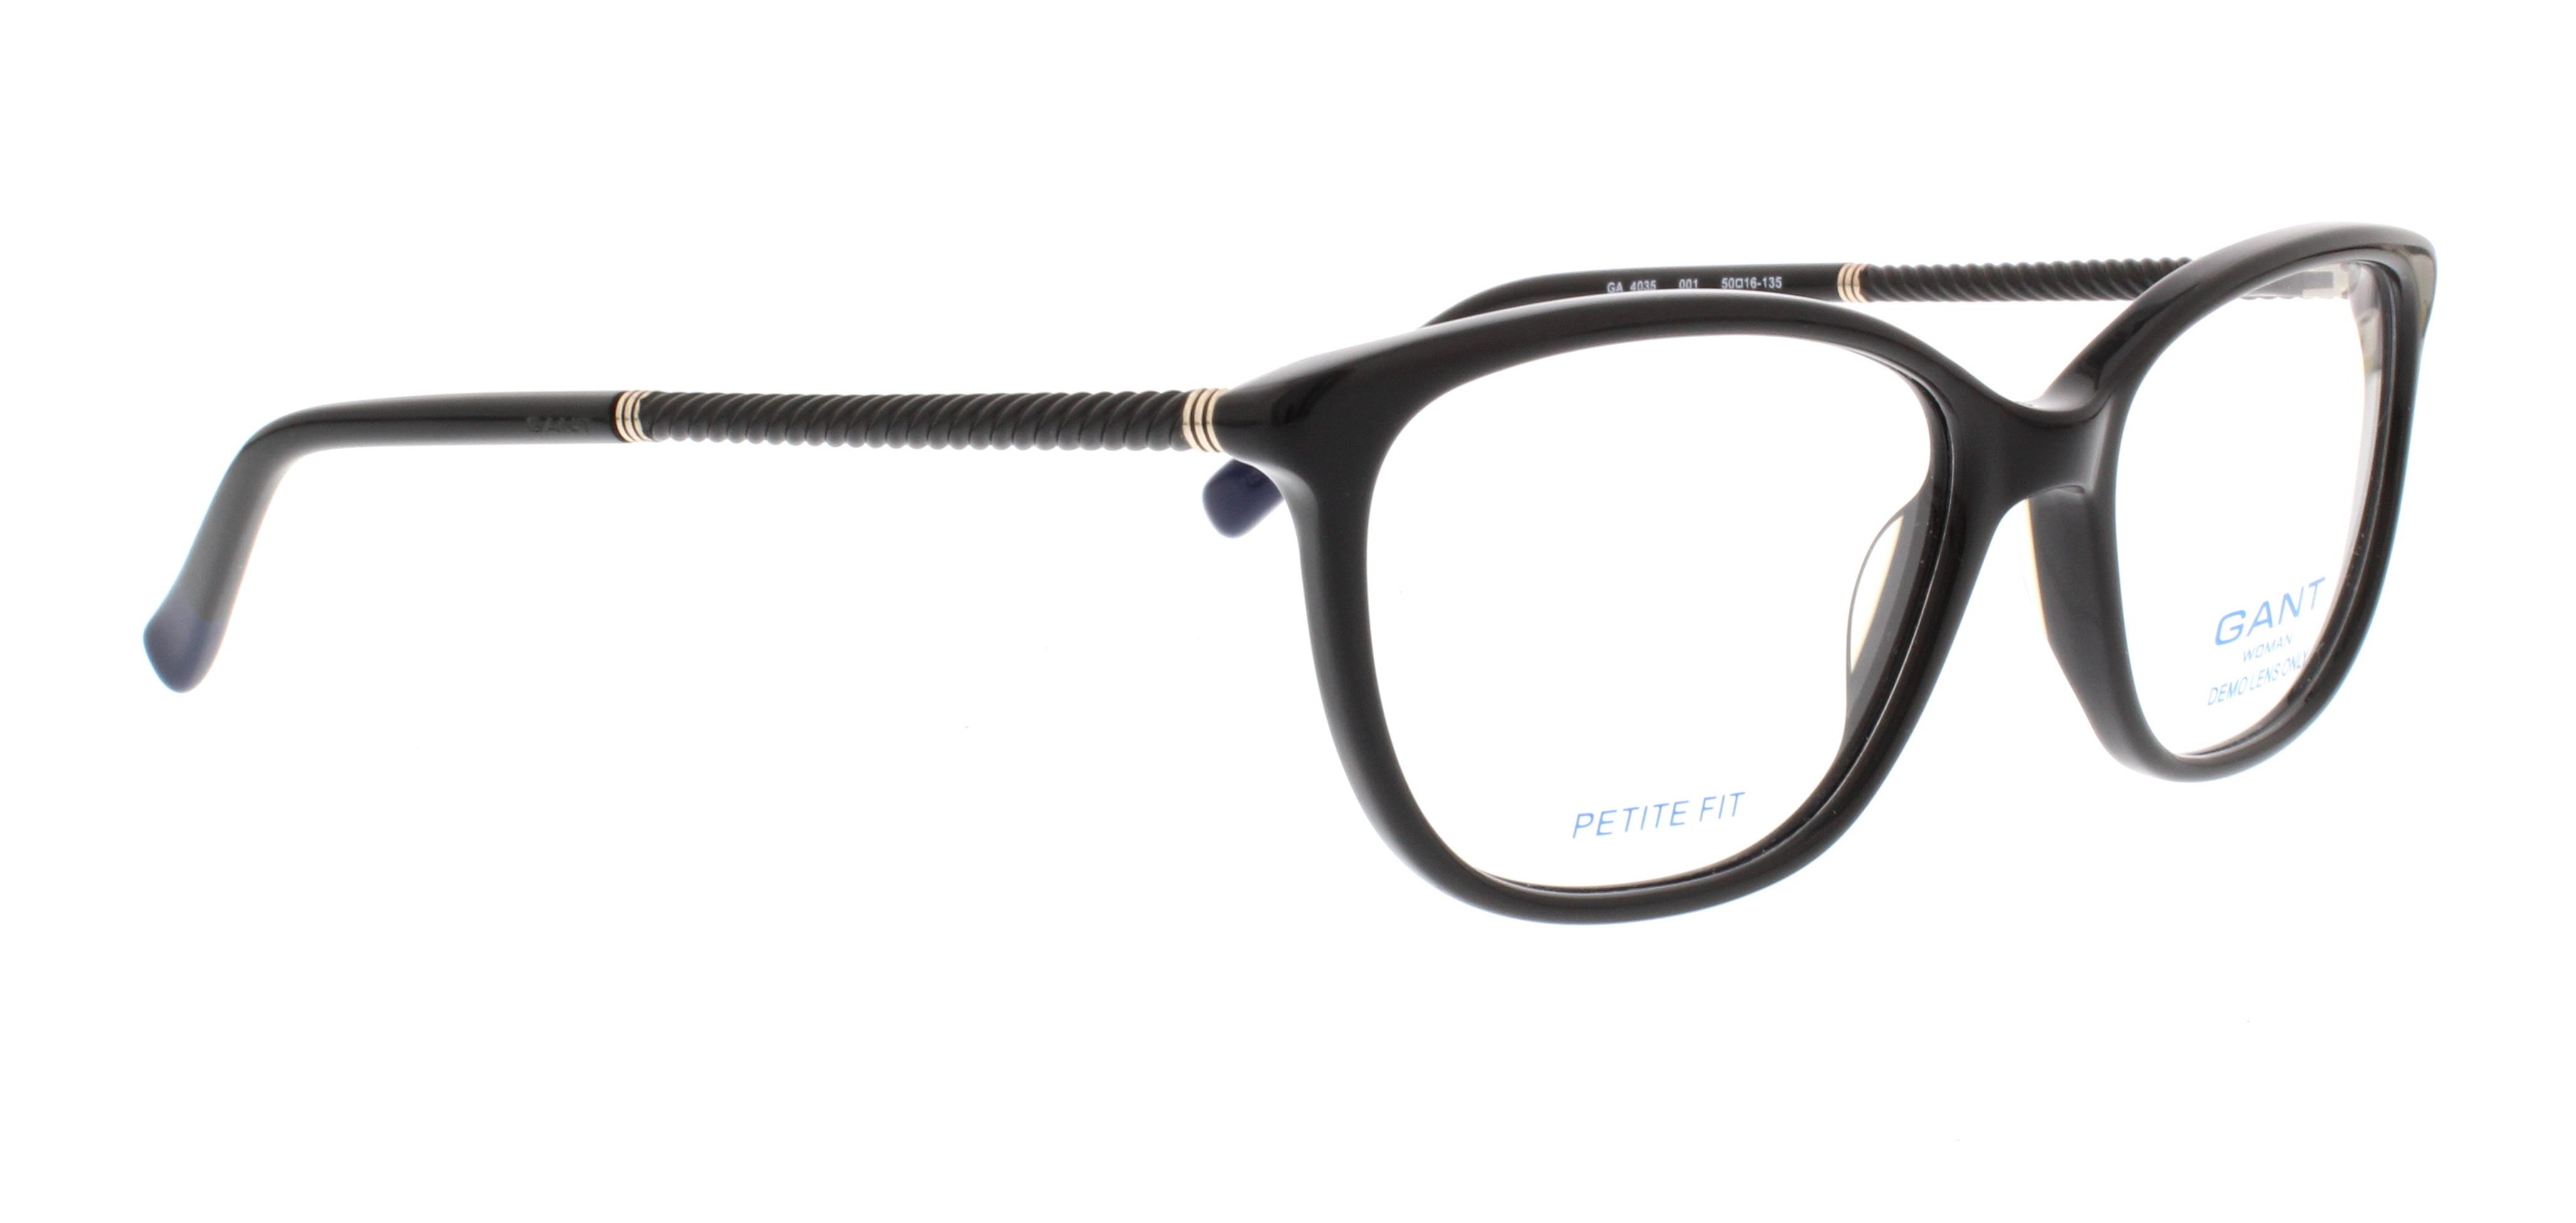 e6120e3e29f Designer frames outlet gant jpg 4113x1952 Gant eyewear